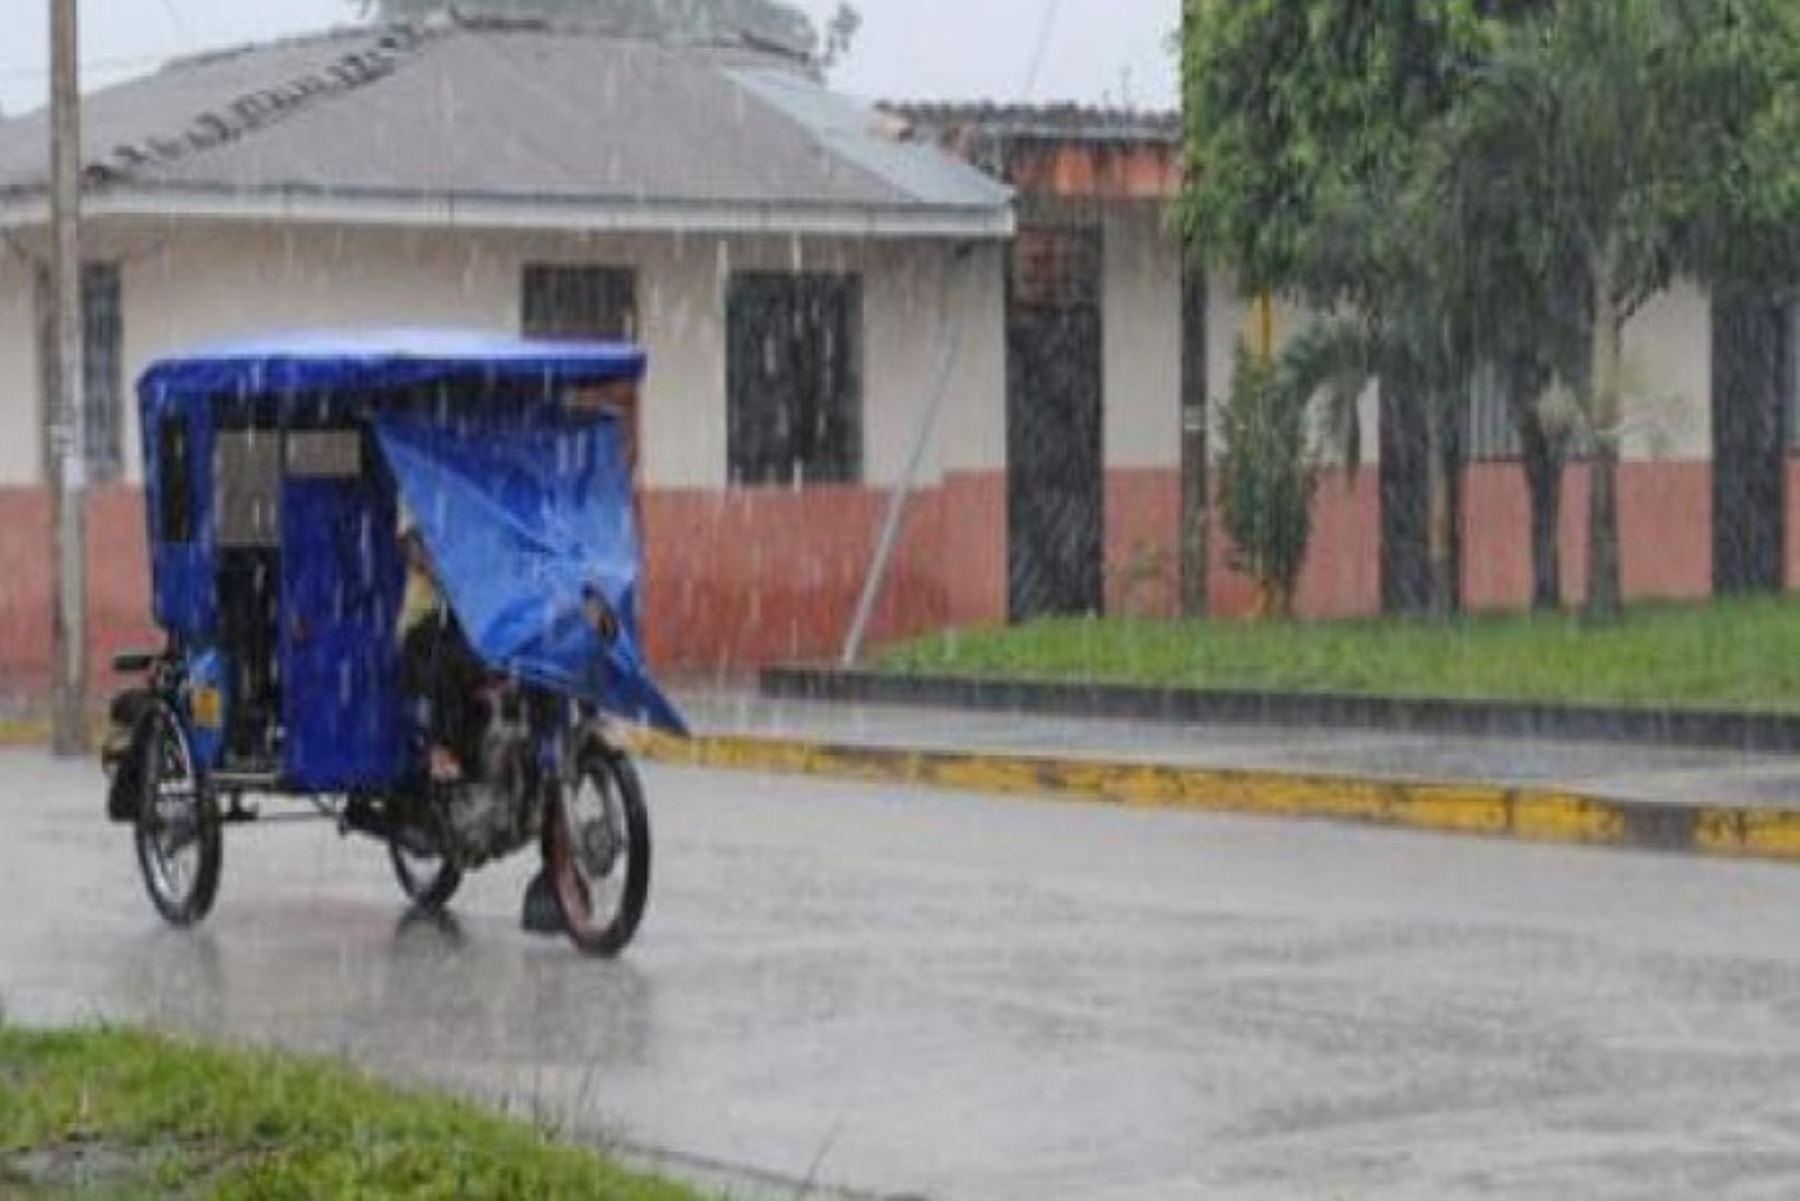 La temperatura descenderá en las regiones de Madre de Dios y Ucayali, así como en la selva alta de Pasco, Junín y Cusco. Foto: ANDINA/Archivo